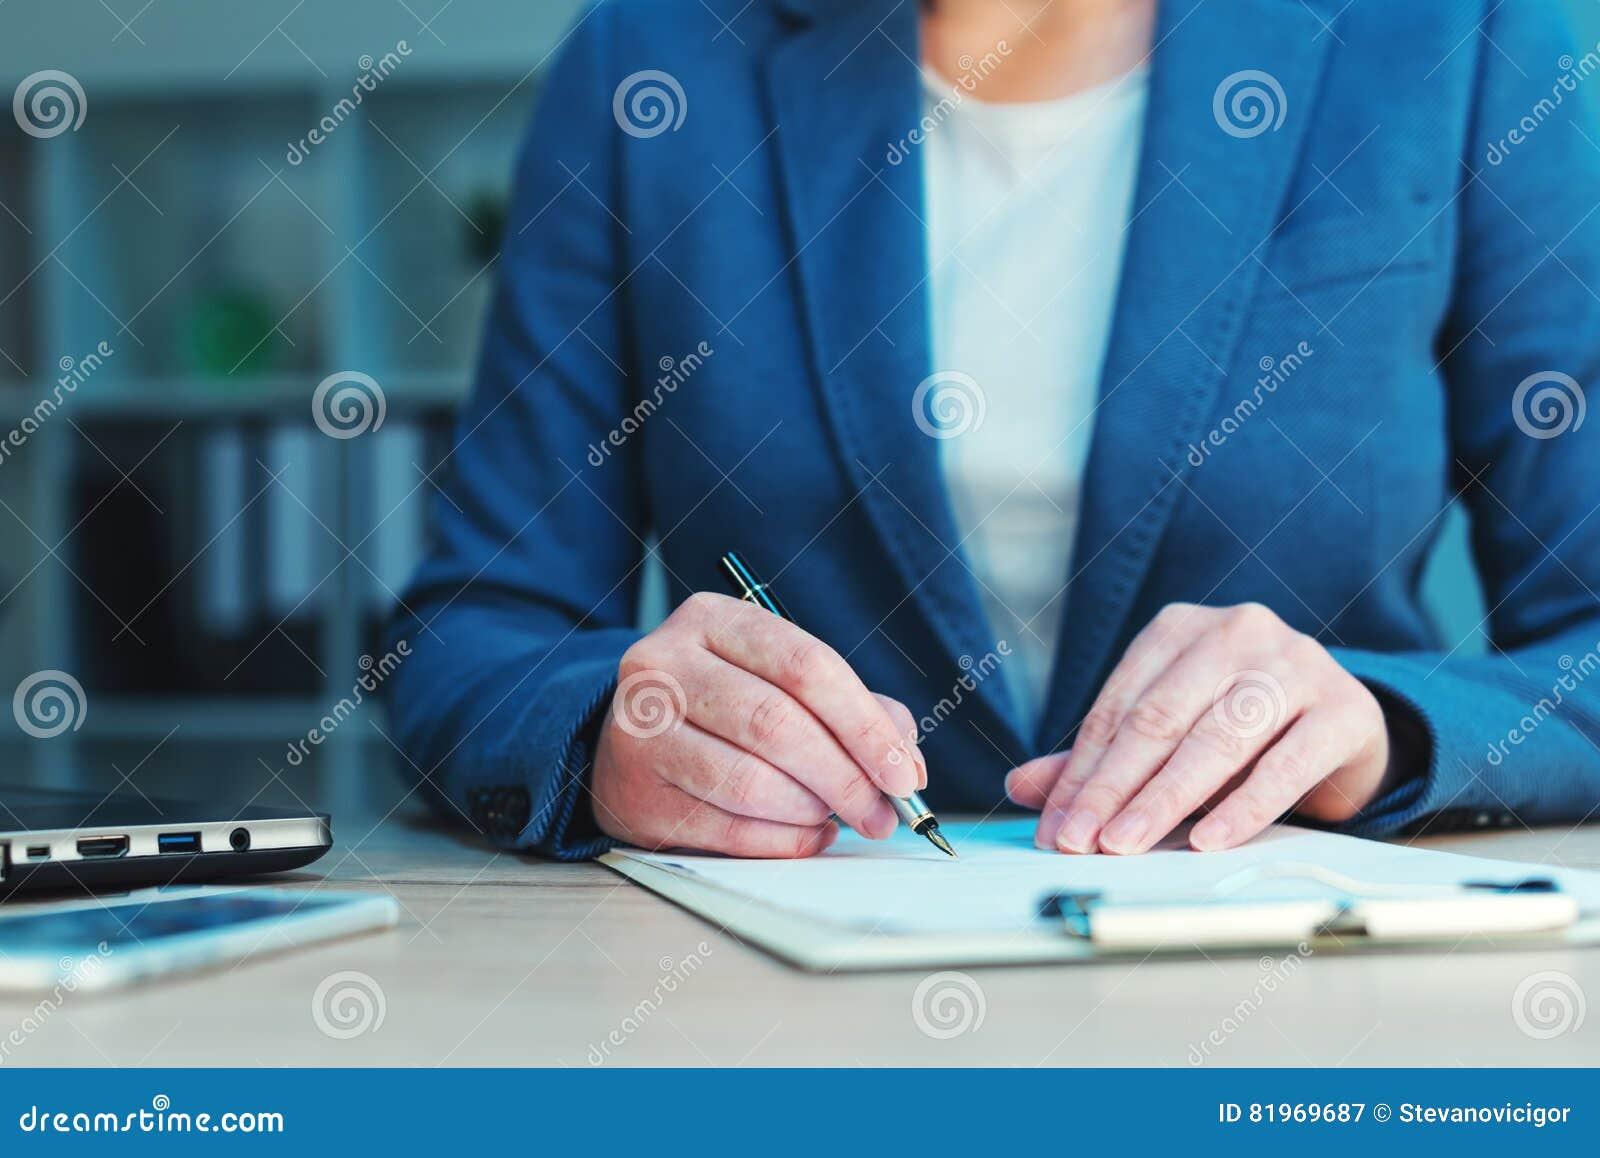 Unterzeichnende Geschäftsvereinbarung ...